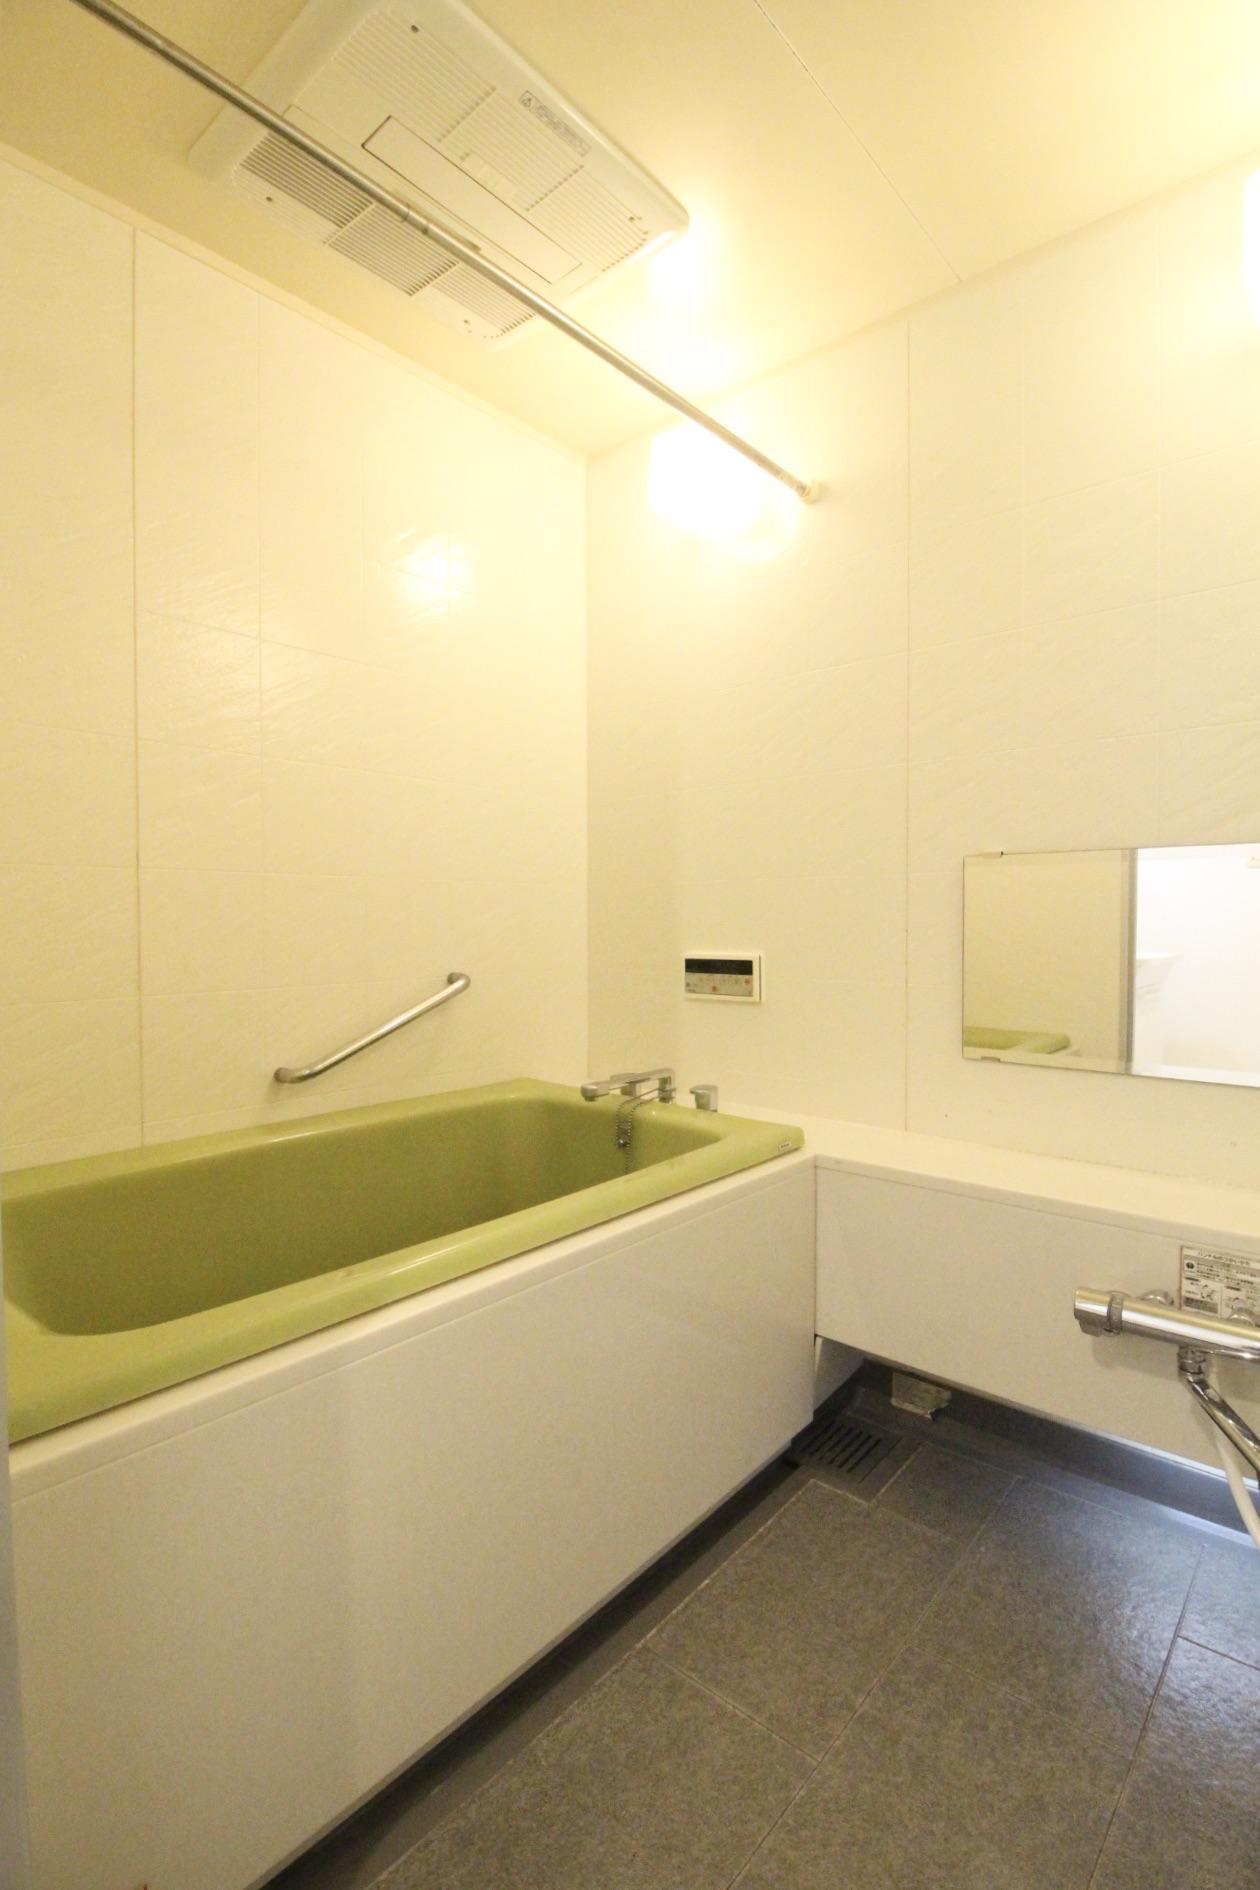 ゆったり広い風呂はなんと有線のスピーカー付き